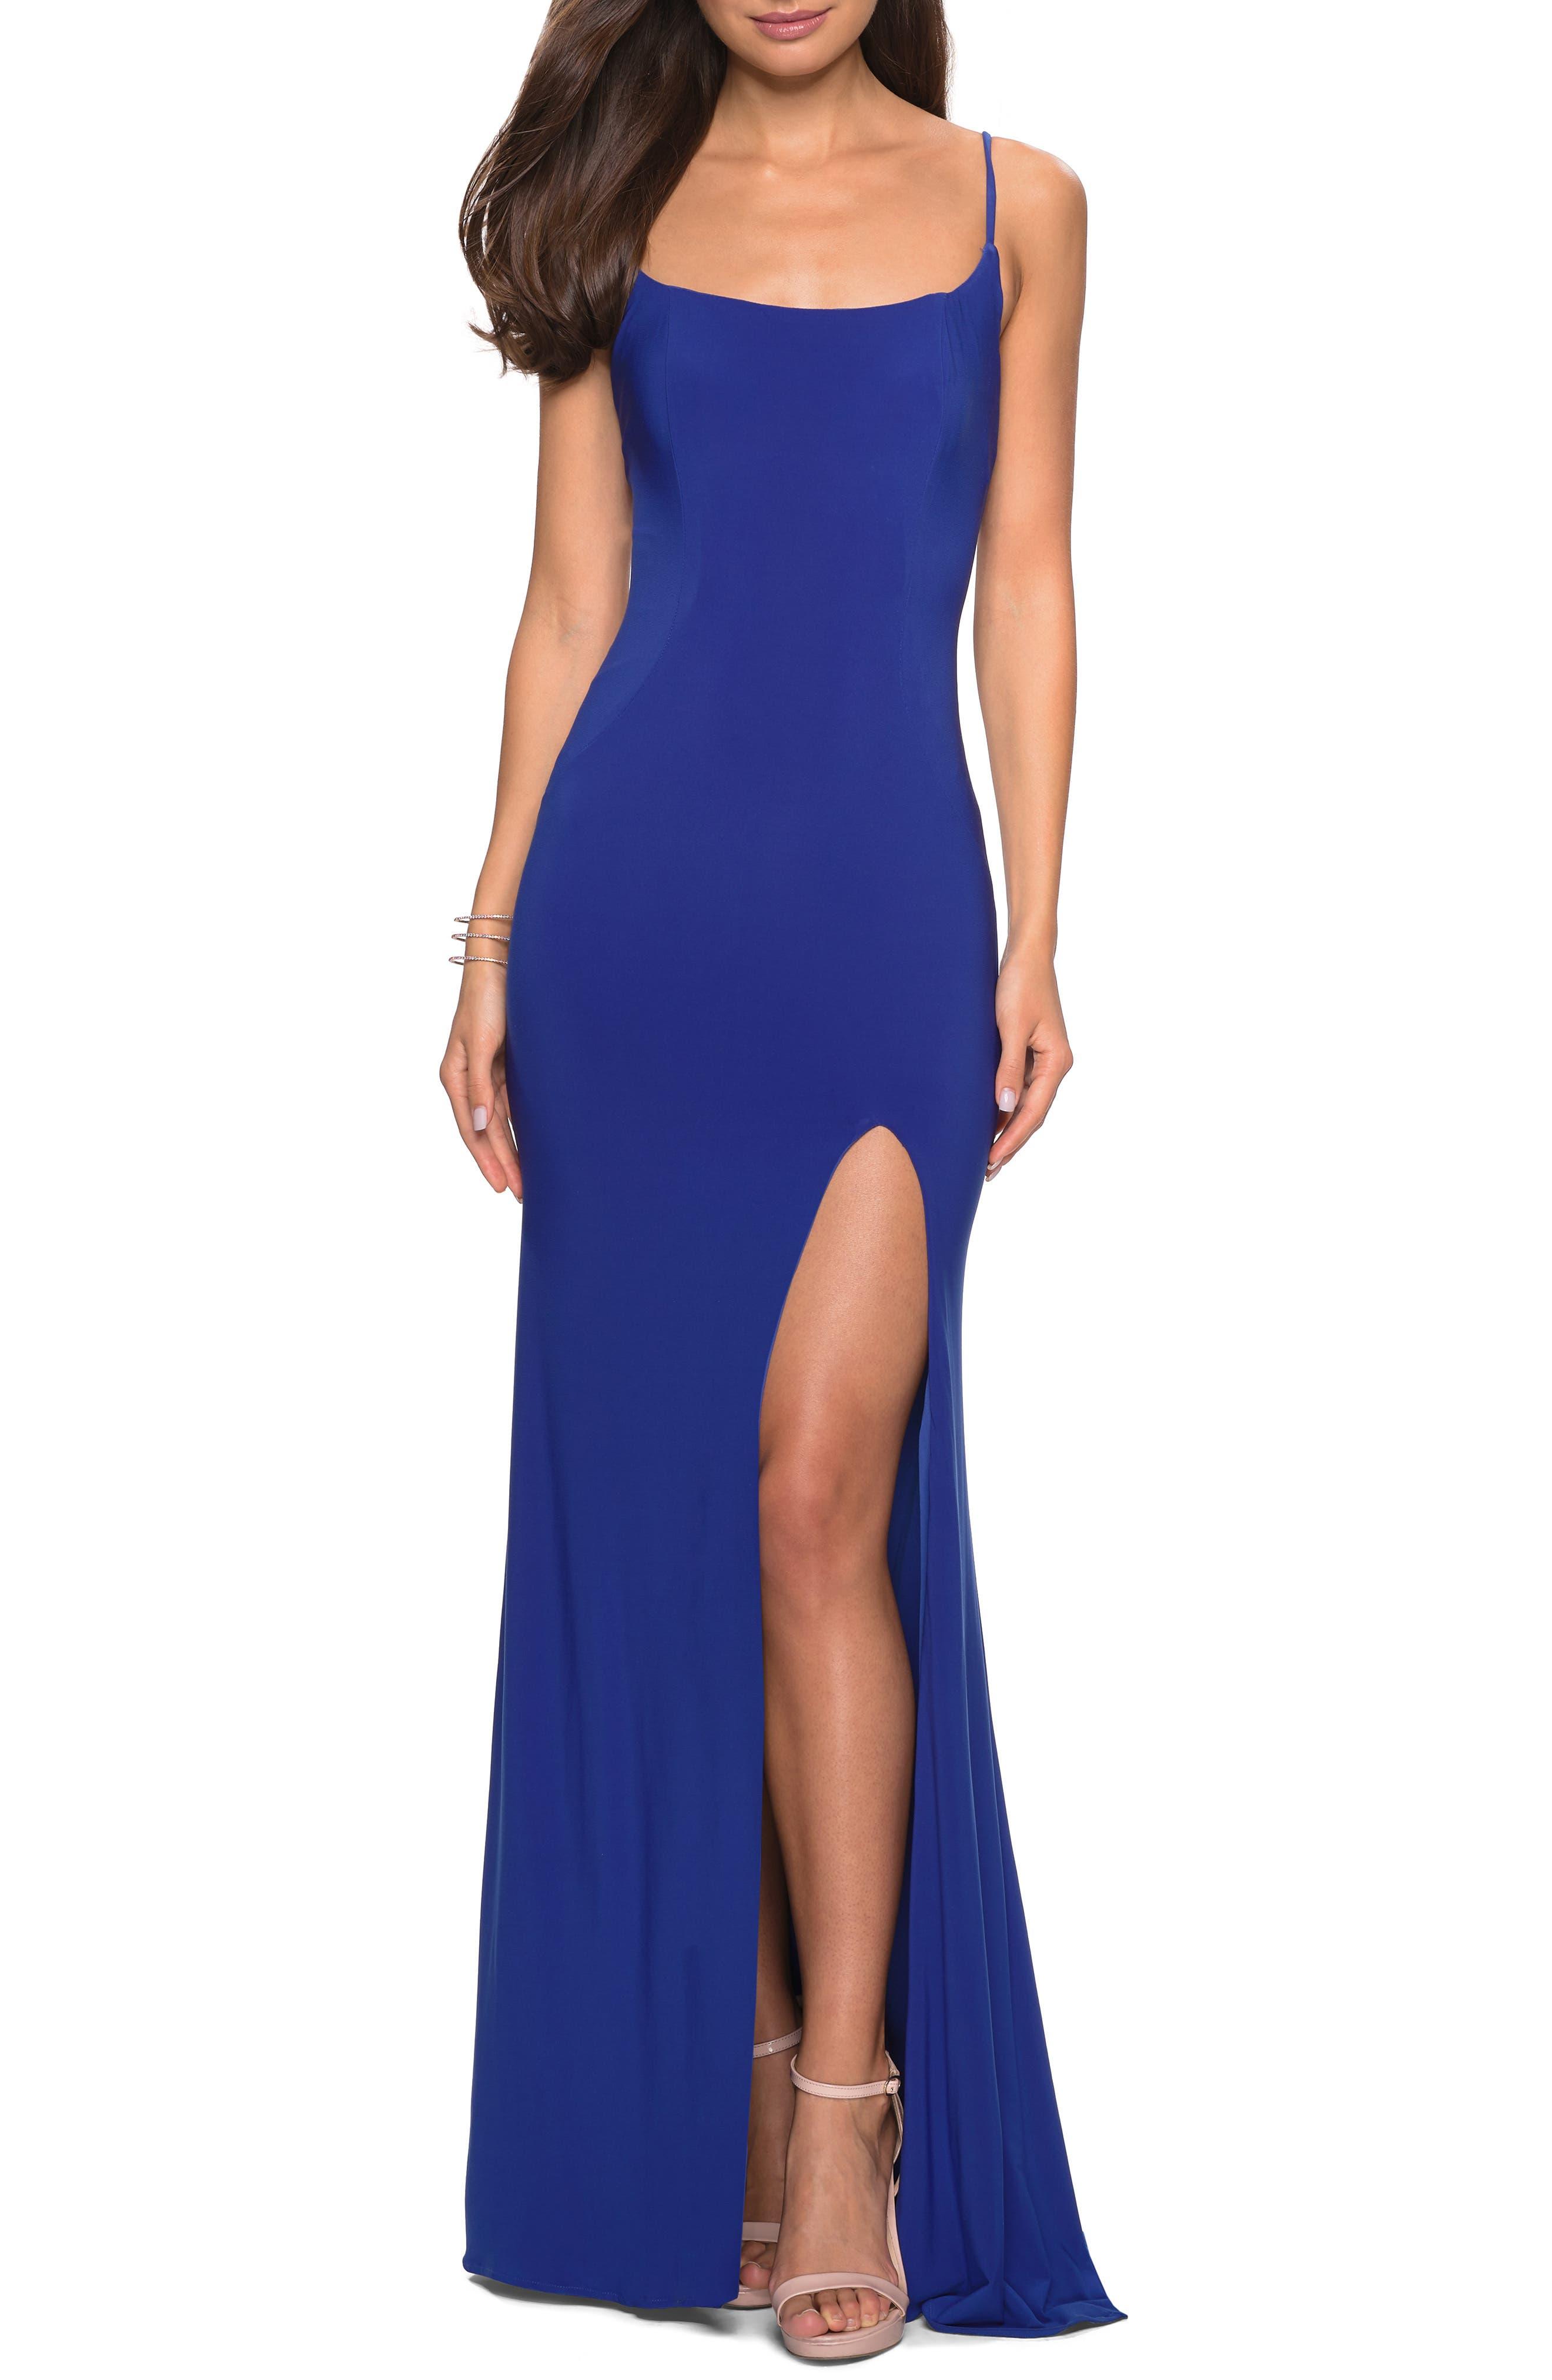 La Femme Strappy Back Jersey Evening Dress, Blue